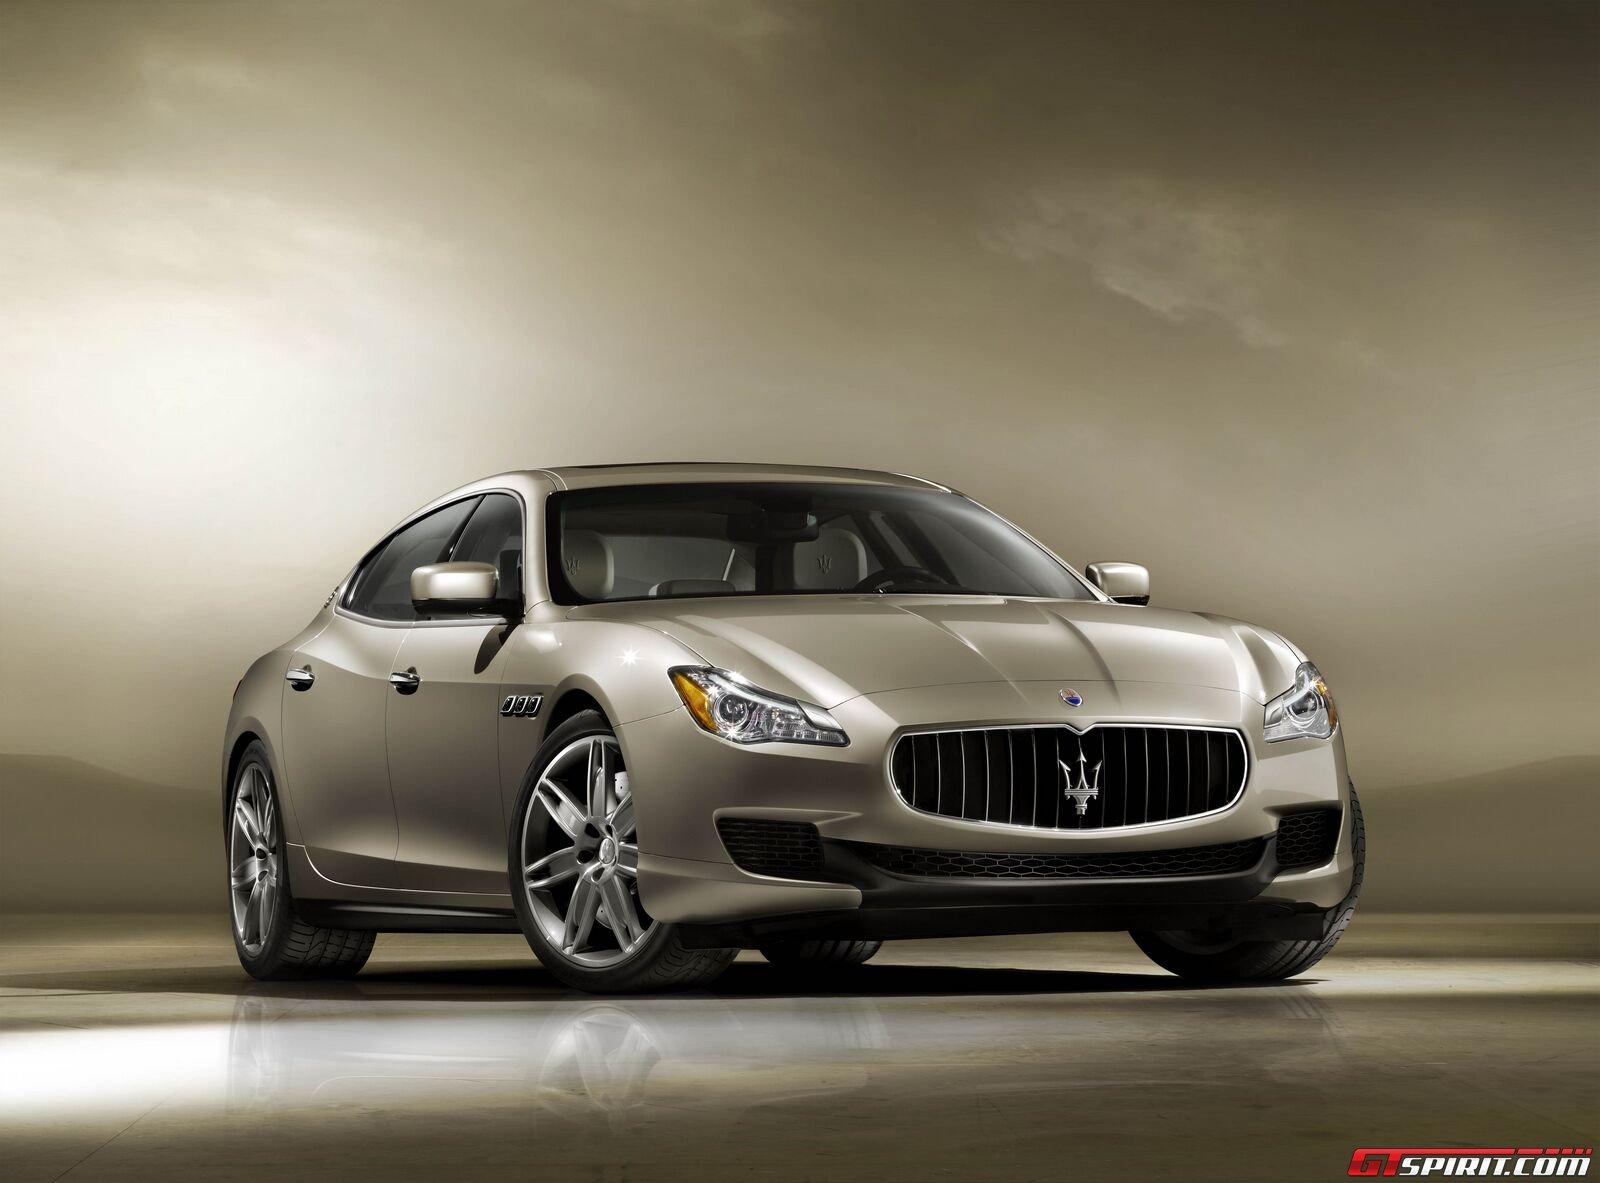 2013 Maserati Quattroporte Photo 1